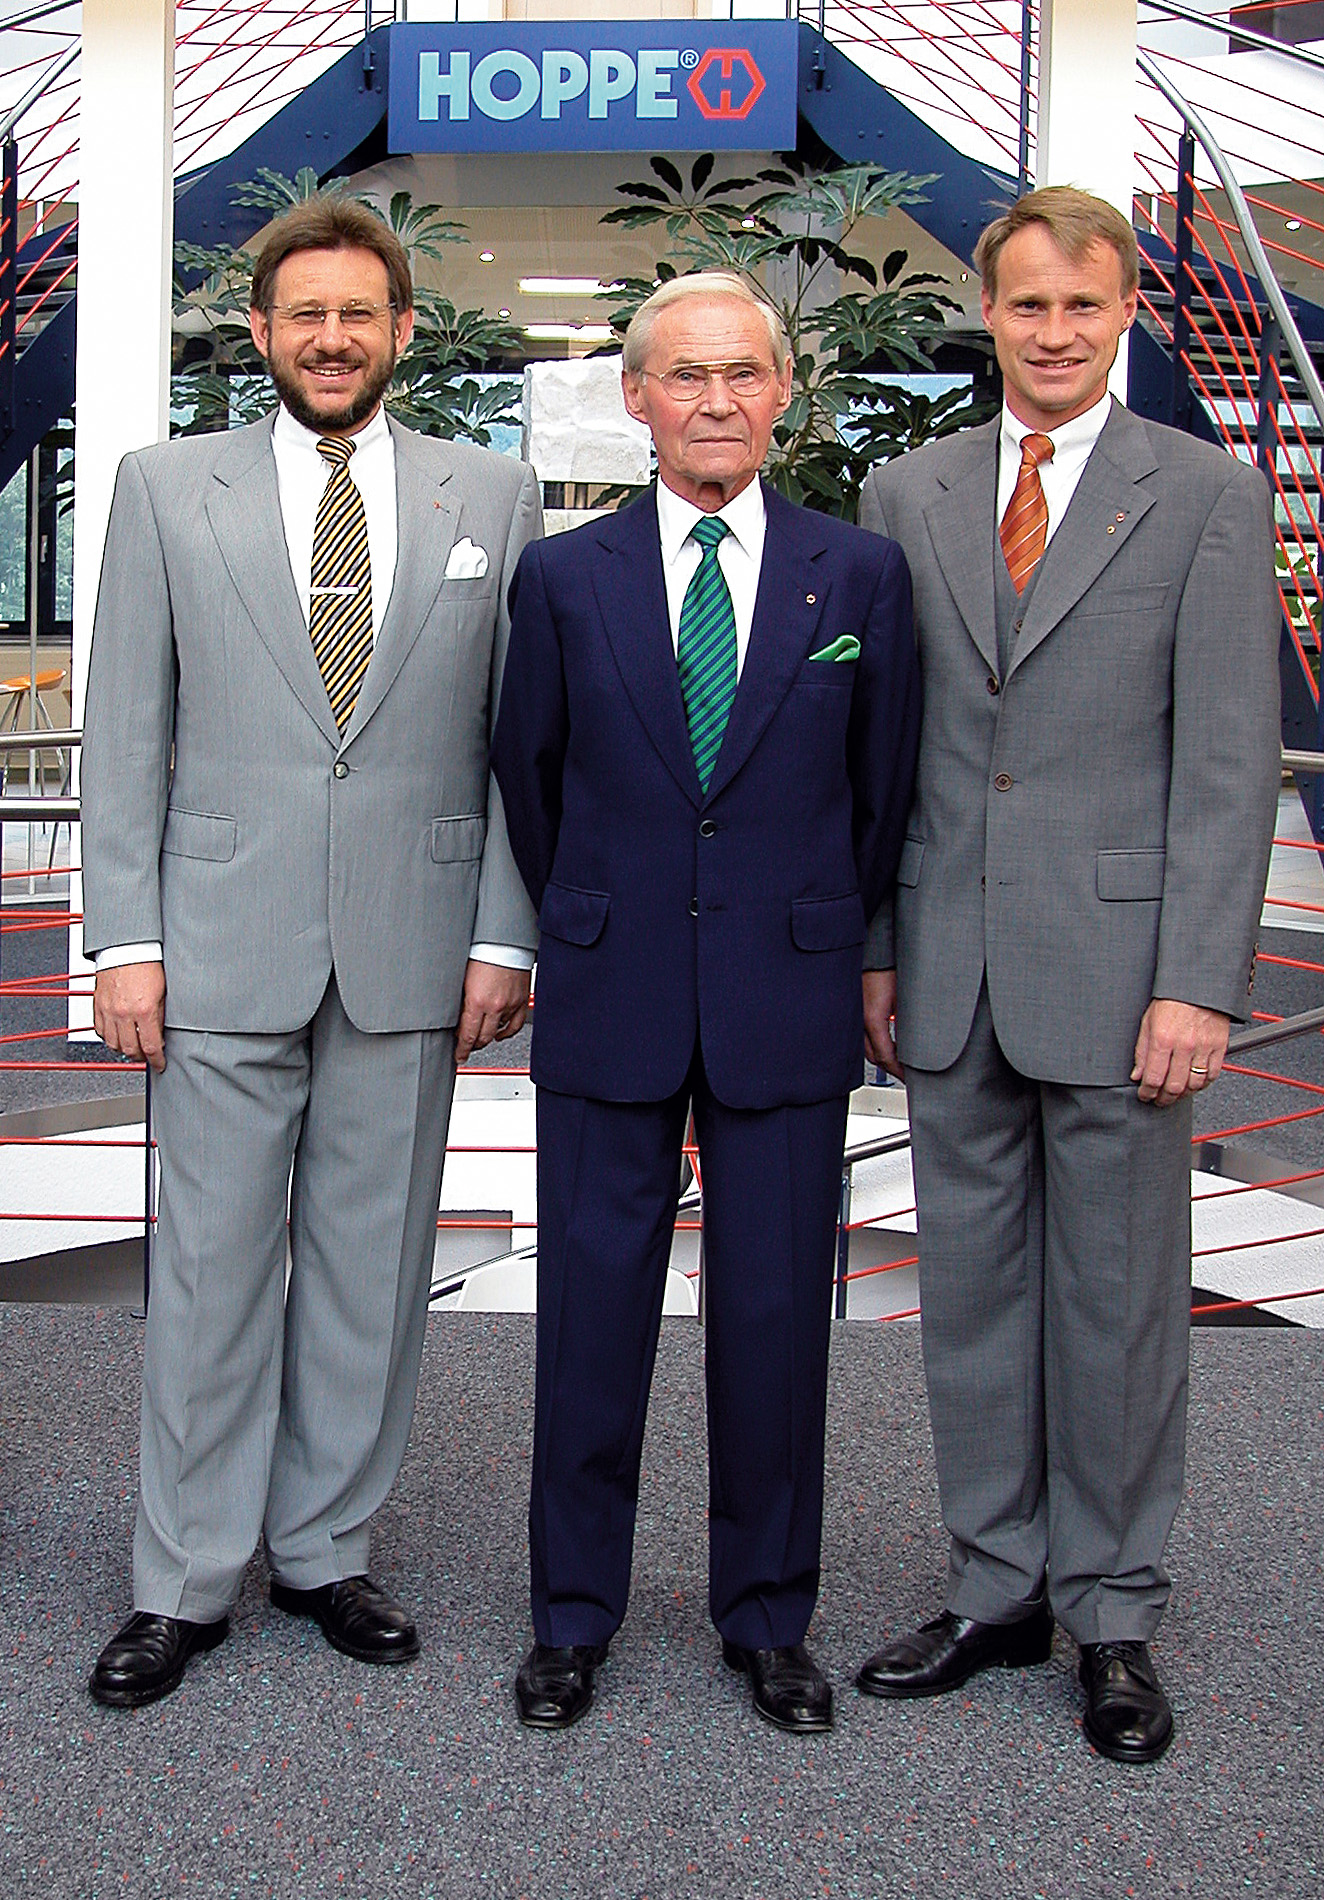 2002 г.: Фридрих Хоппе (в центре) и его сыновья Вольф (слева) и Кристоф Хоппе (справа)